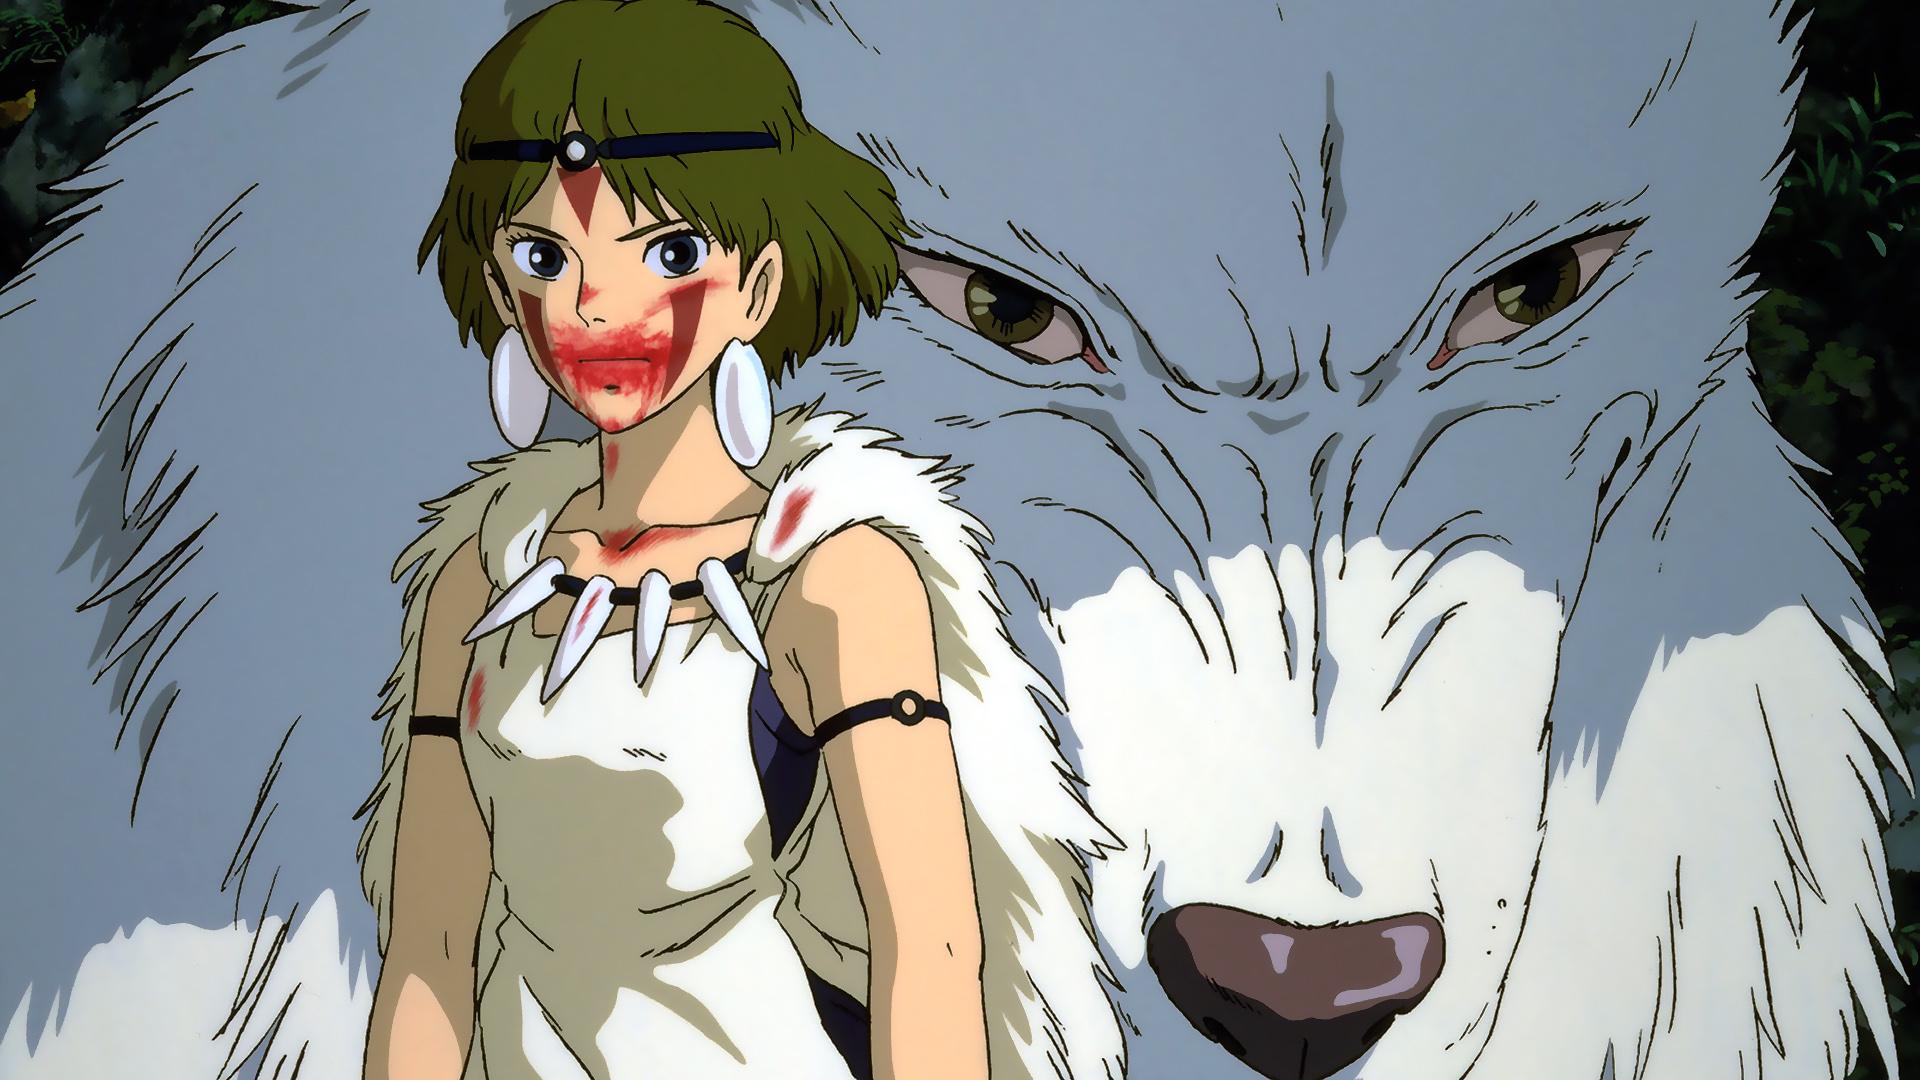 La Princesa Mononoke Studio Ghibli